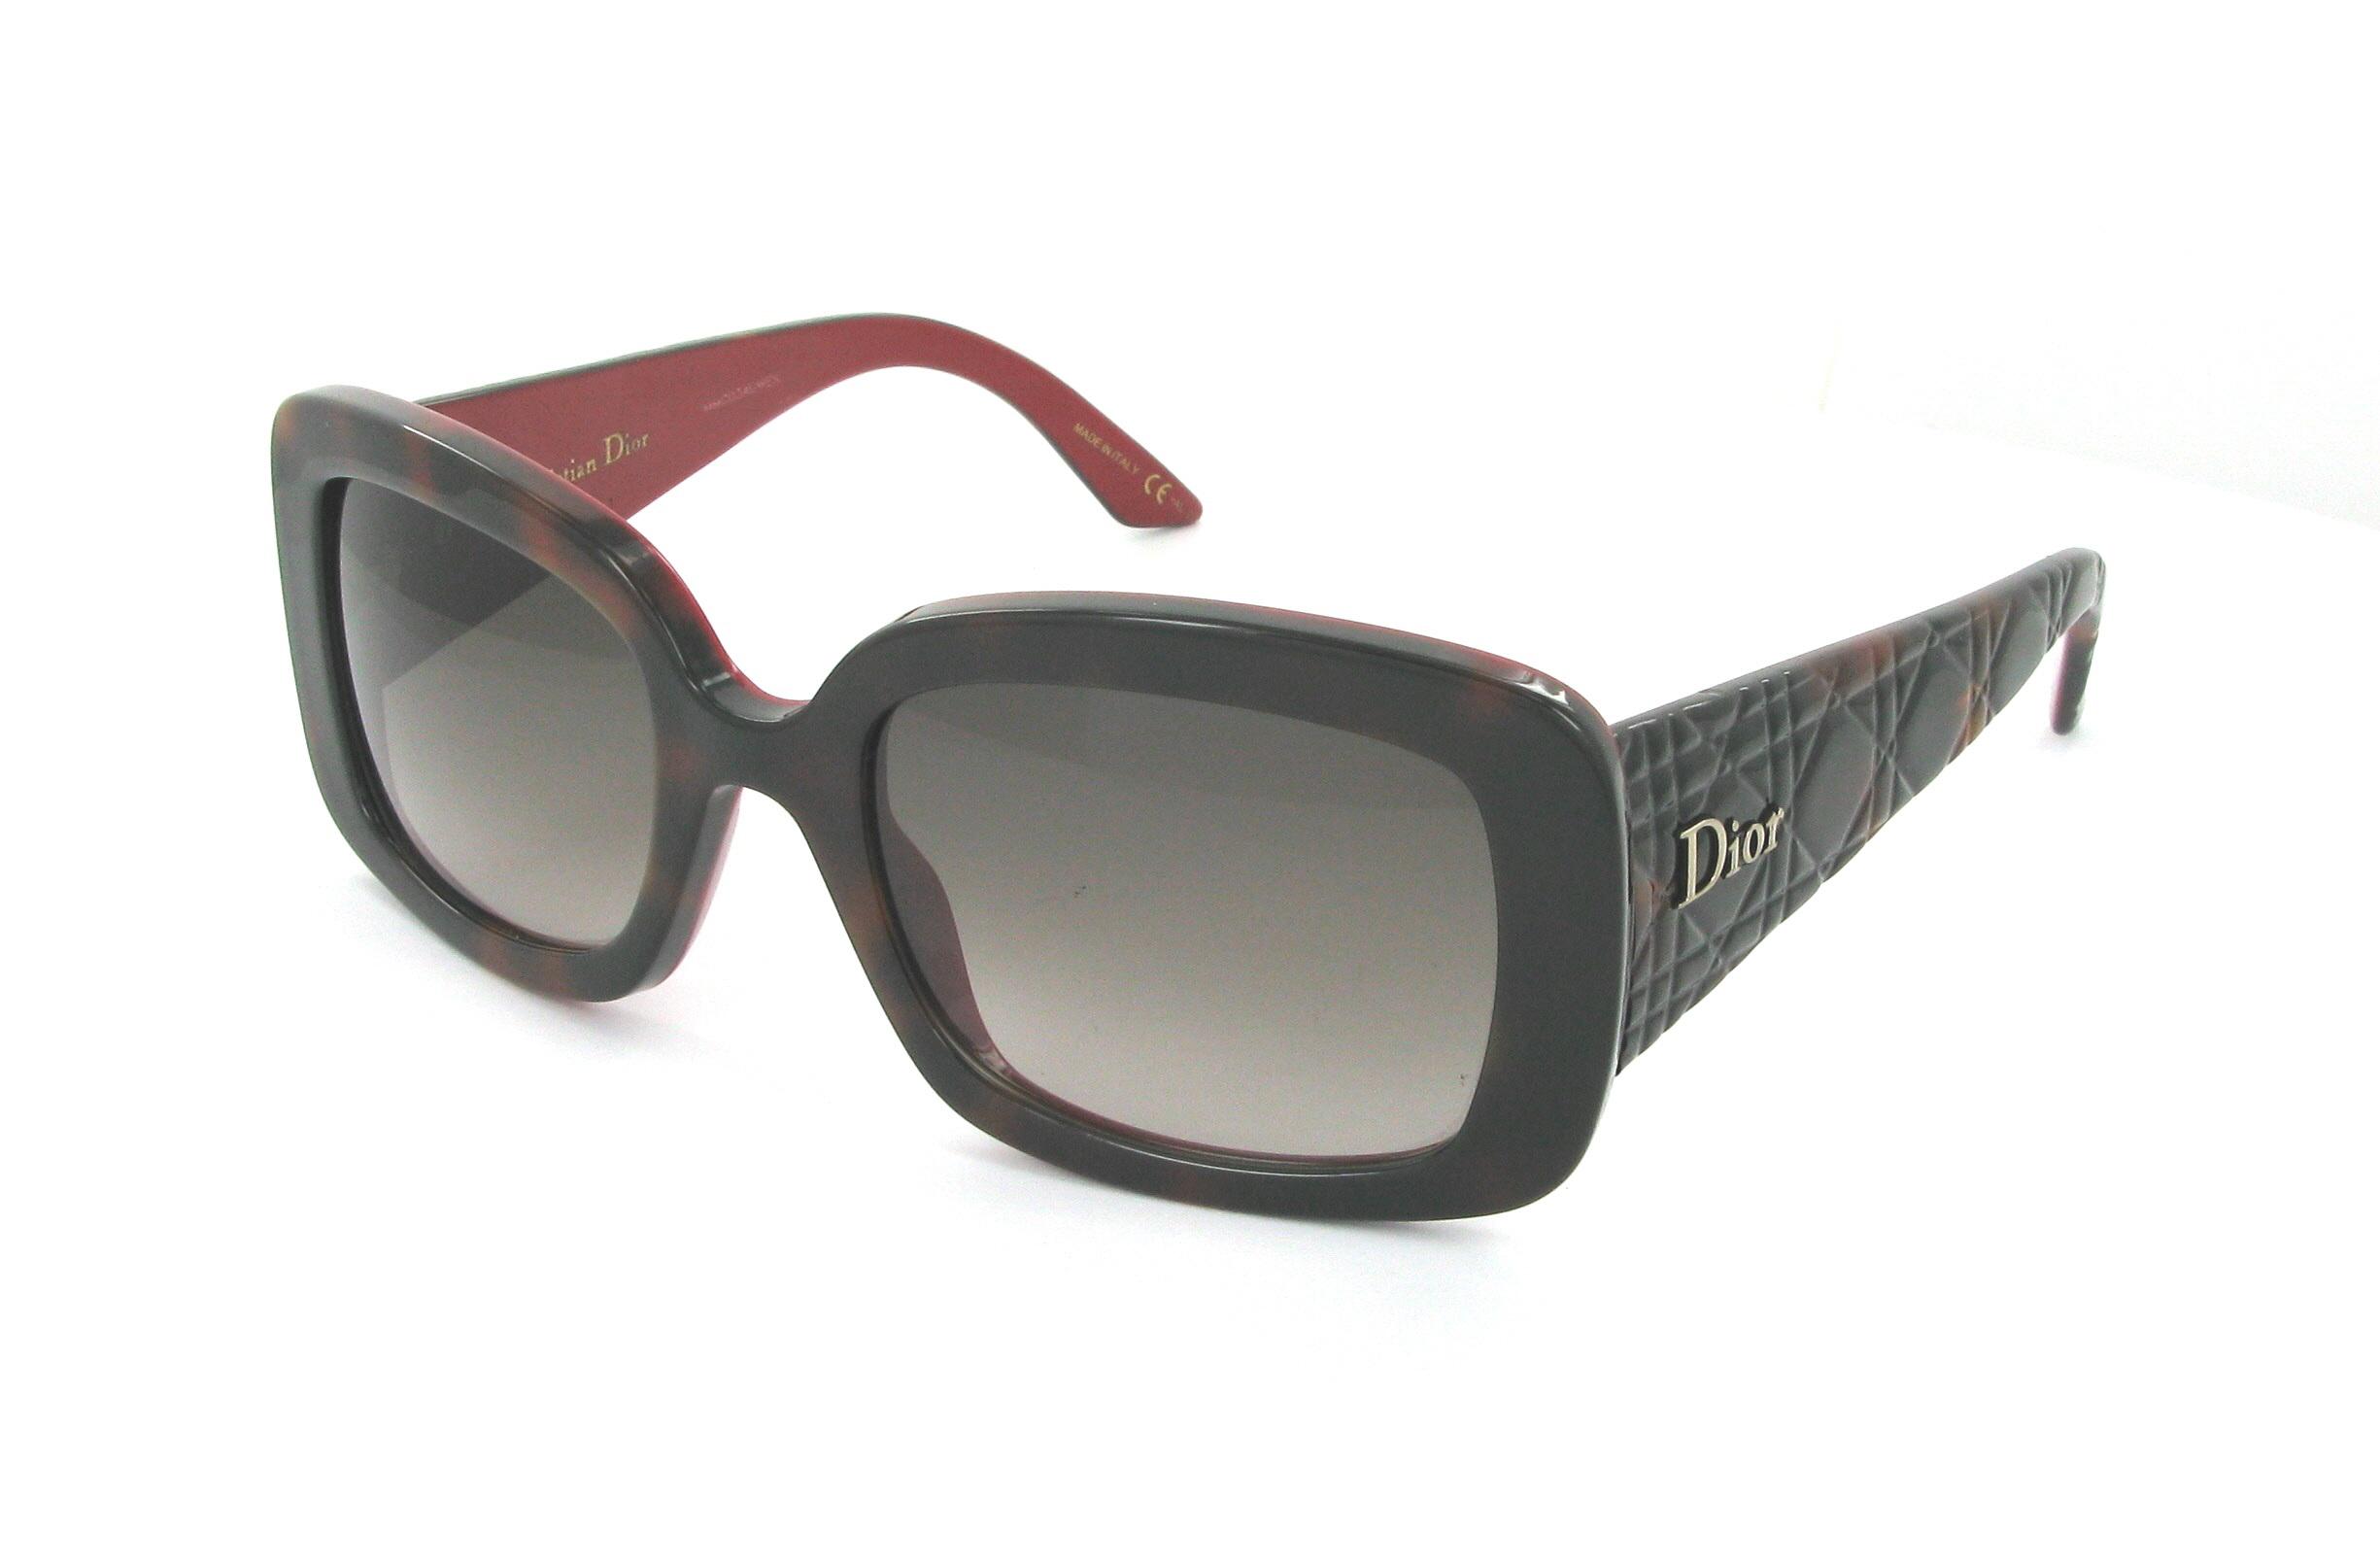 lunettes soleil femme dior. Black Bedroom Furniture Sets. Home Design Ideas